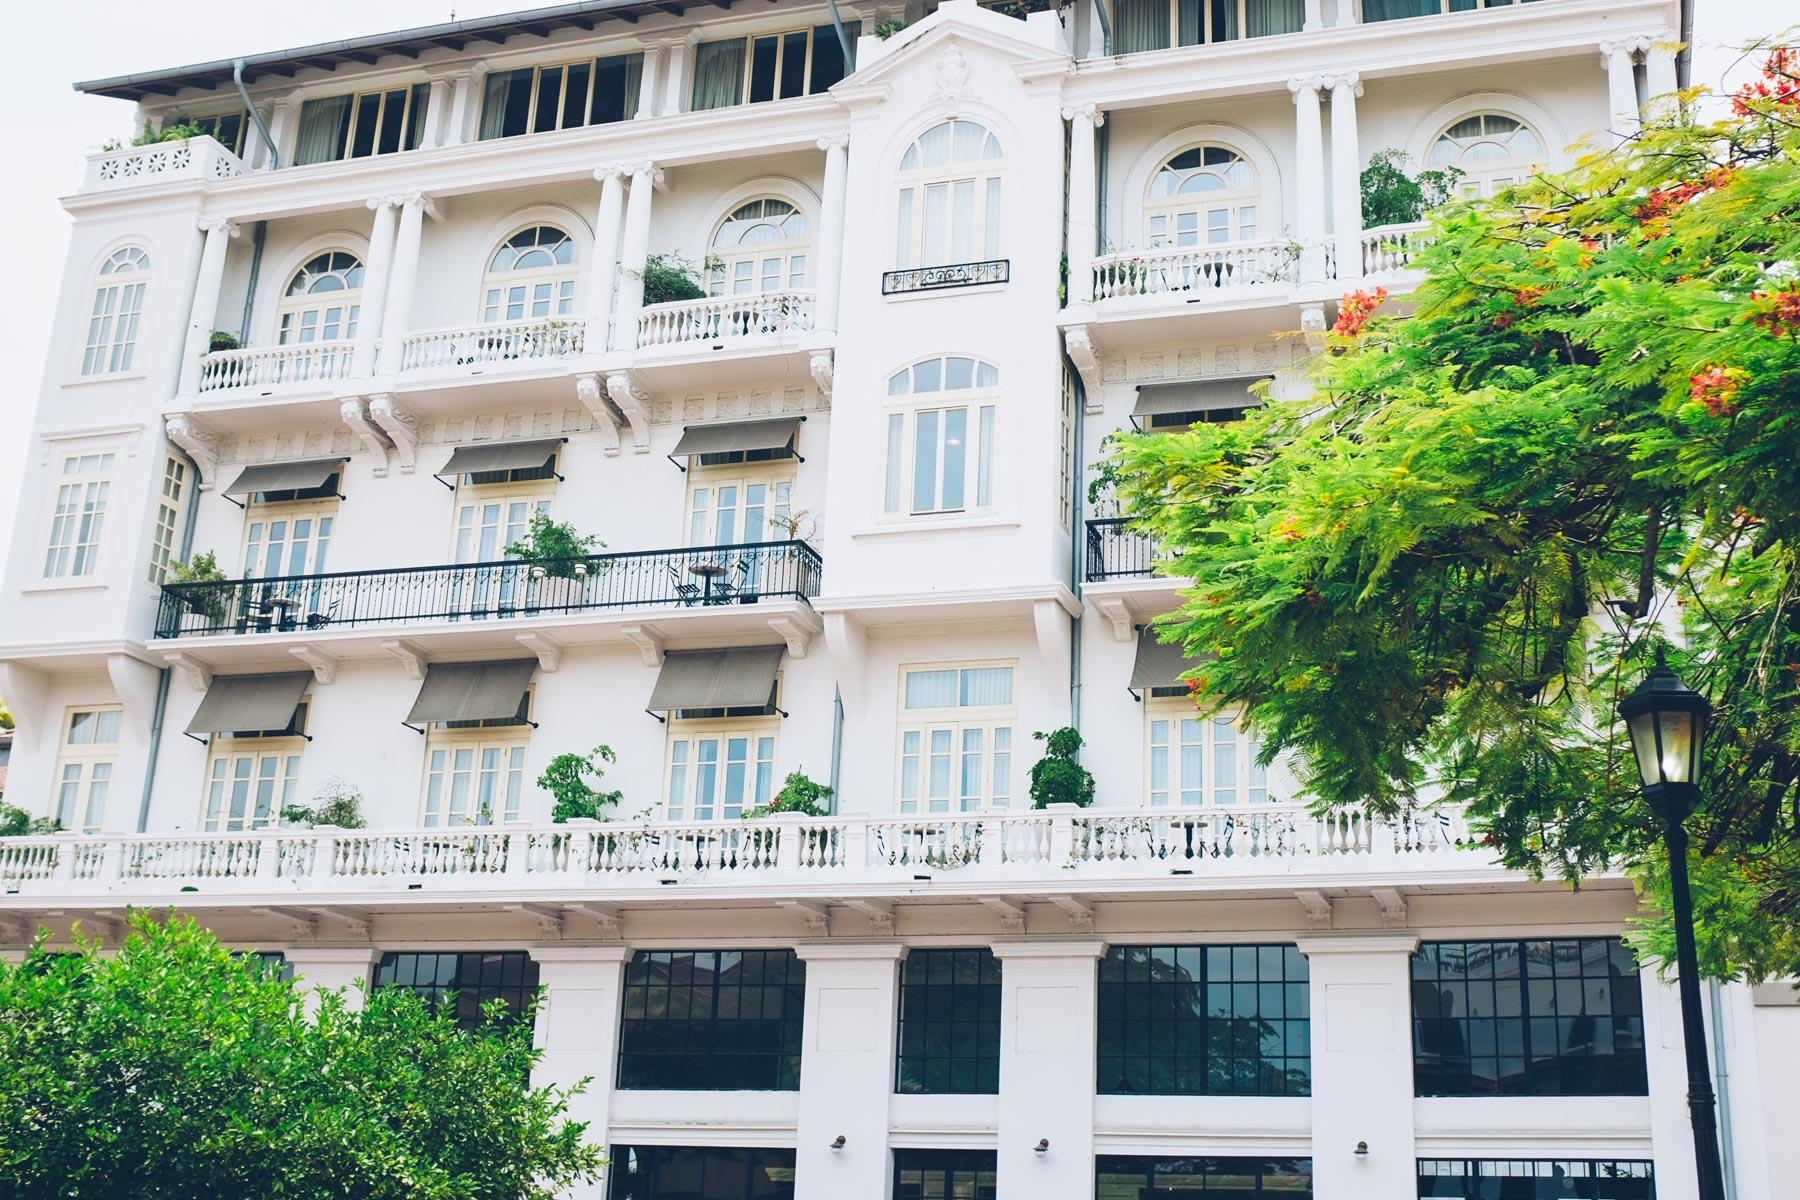 The American Trade Hotel in Casco Viejo, Panama City